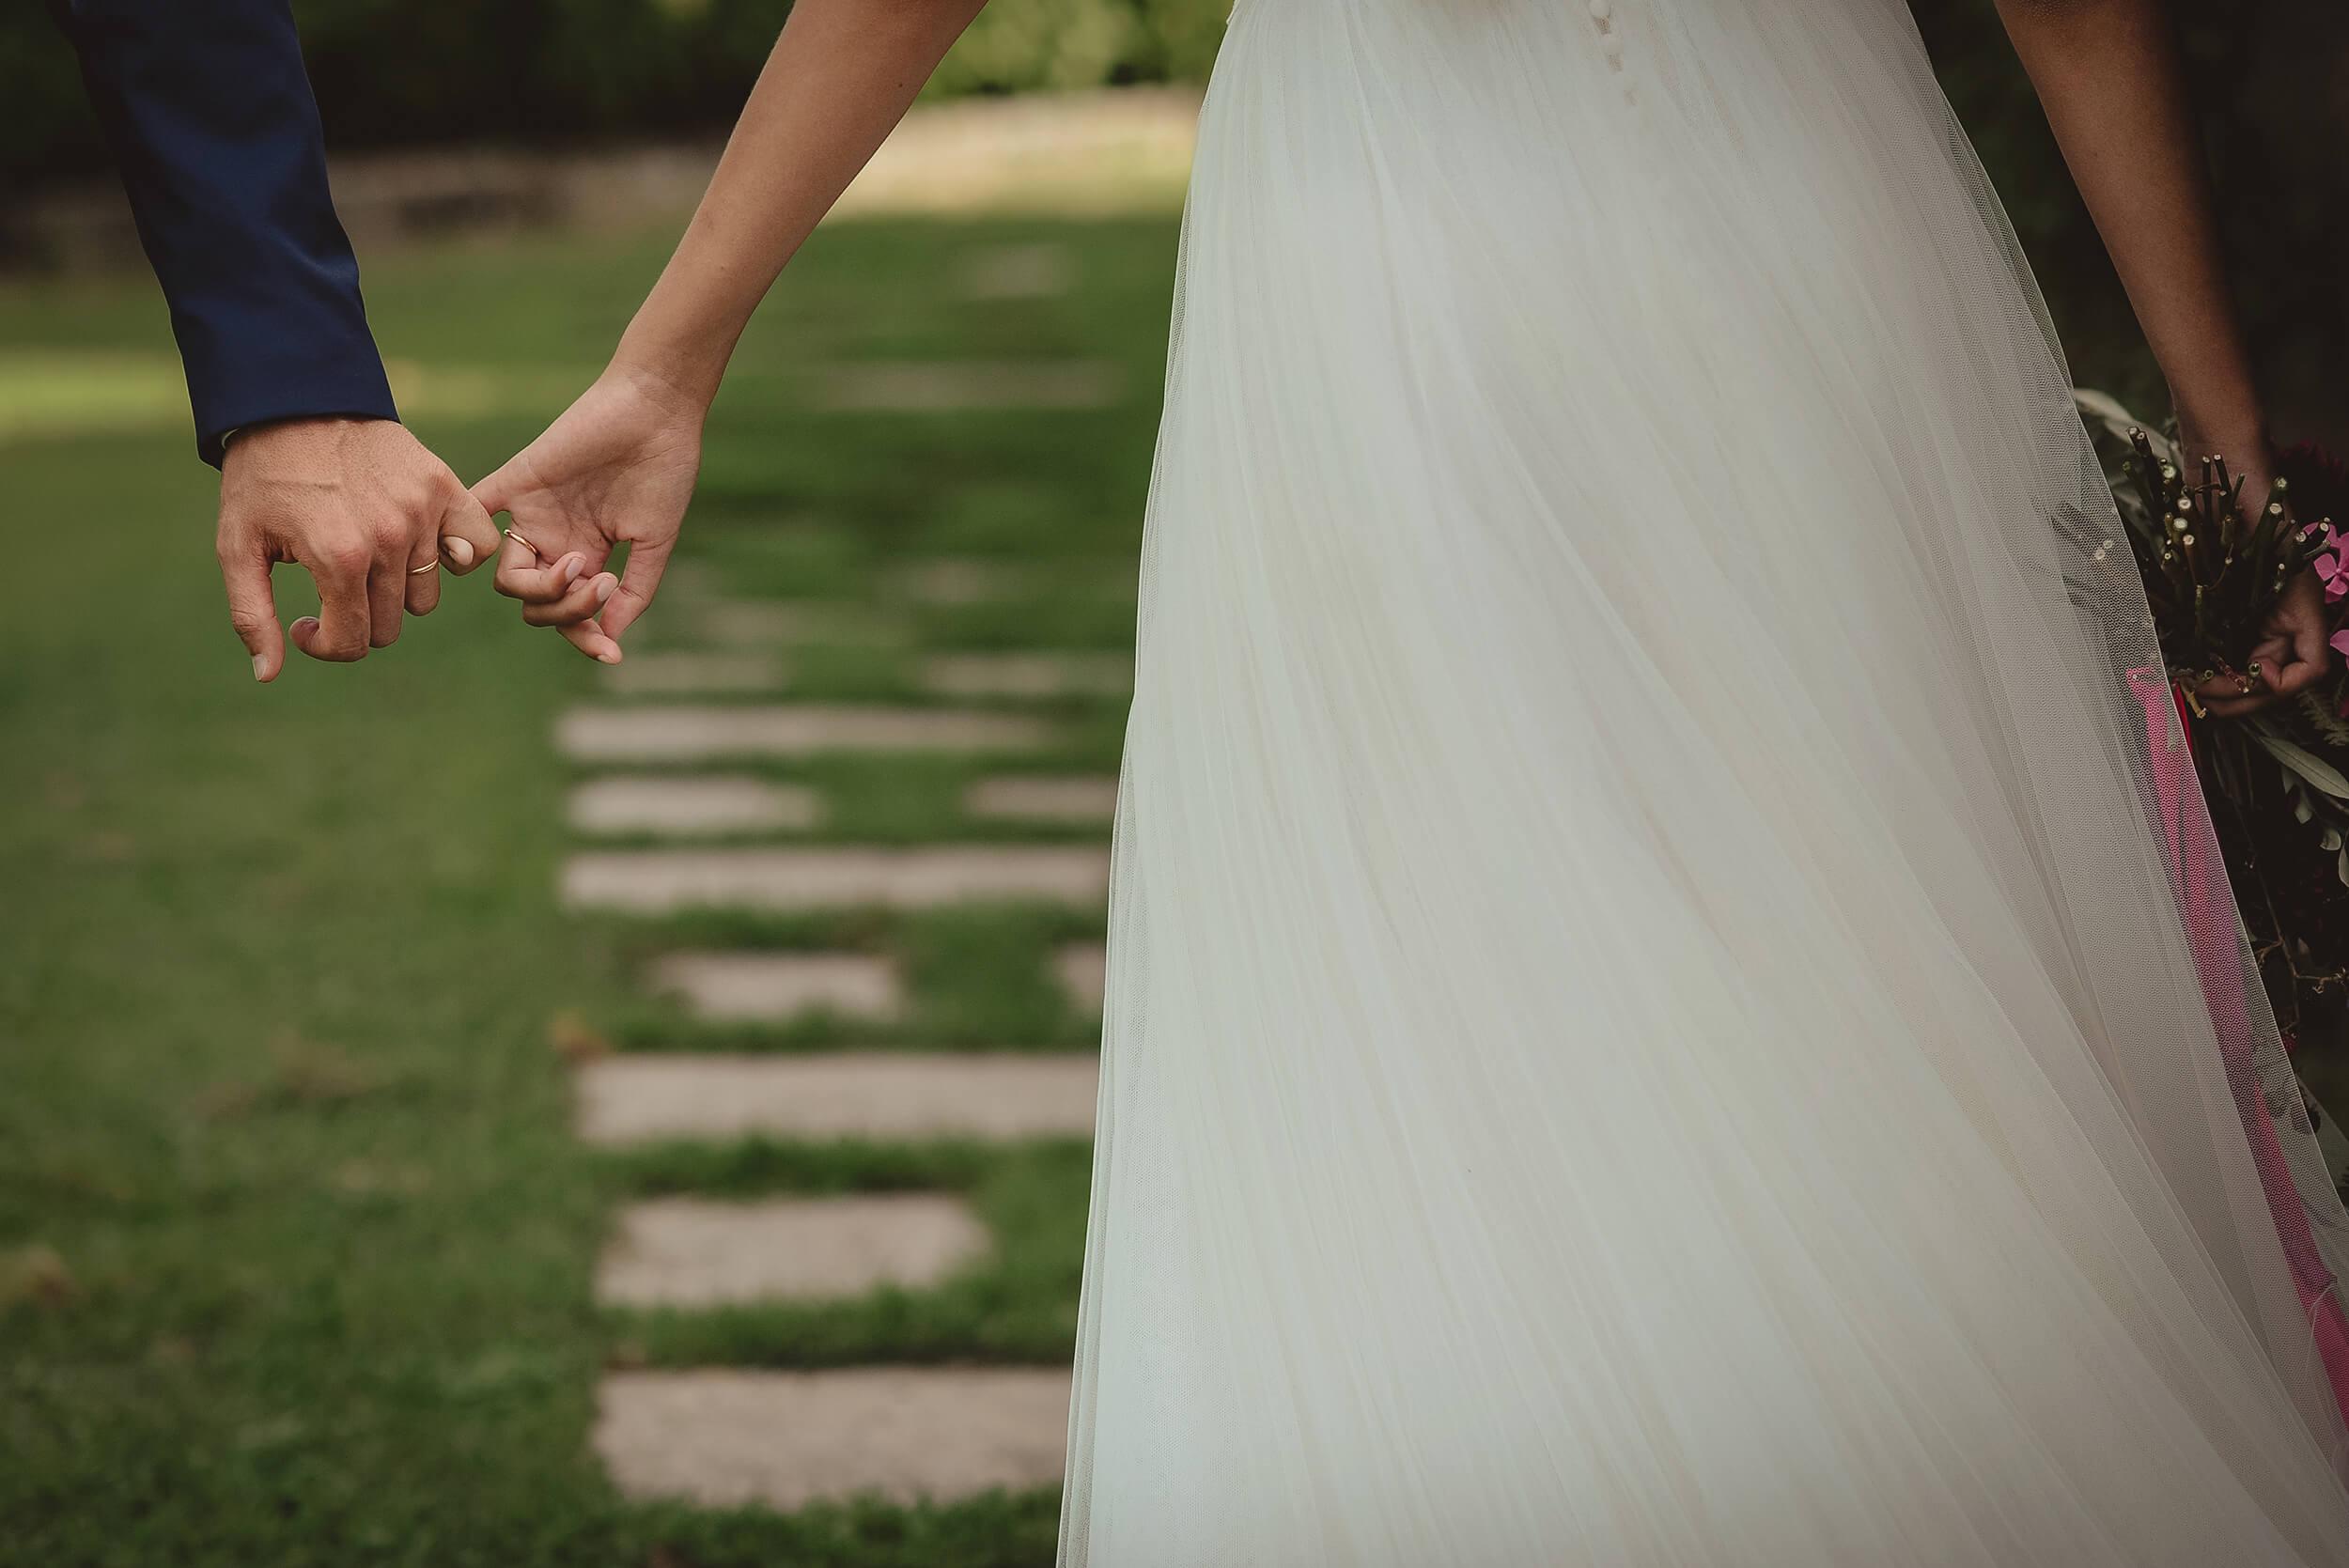 roma-organizacao-eventos-editorial-casamento-colorful-wedding-1